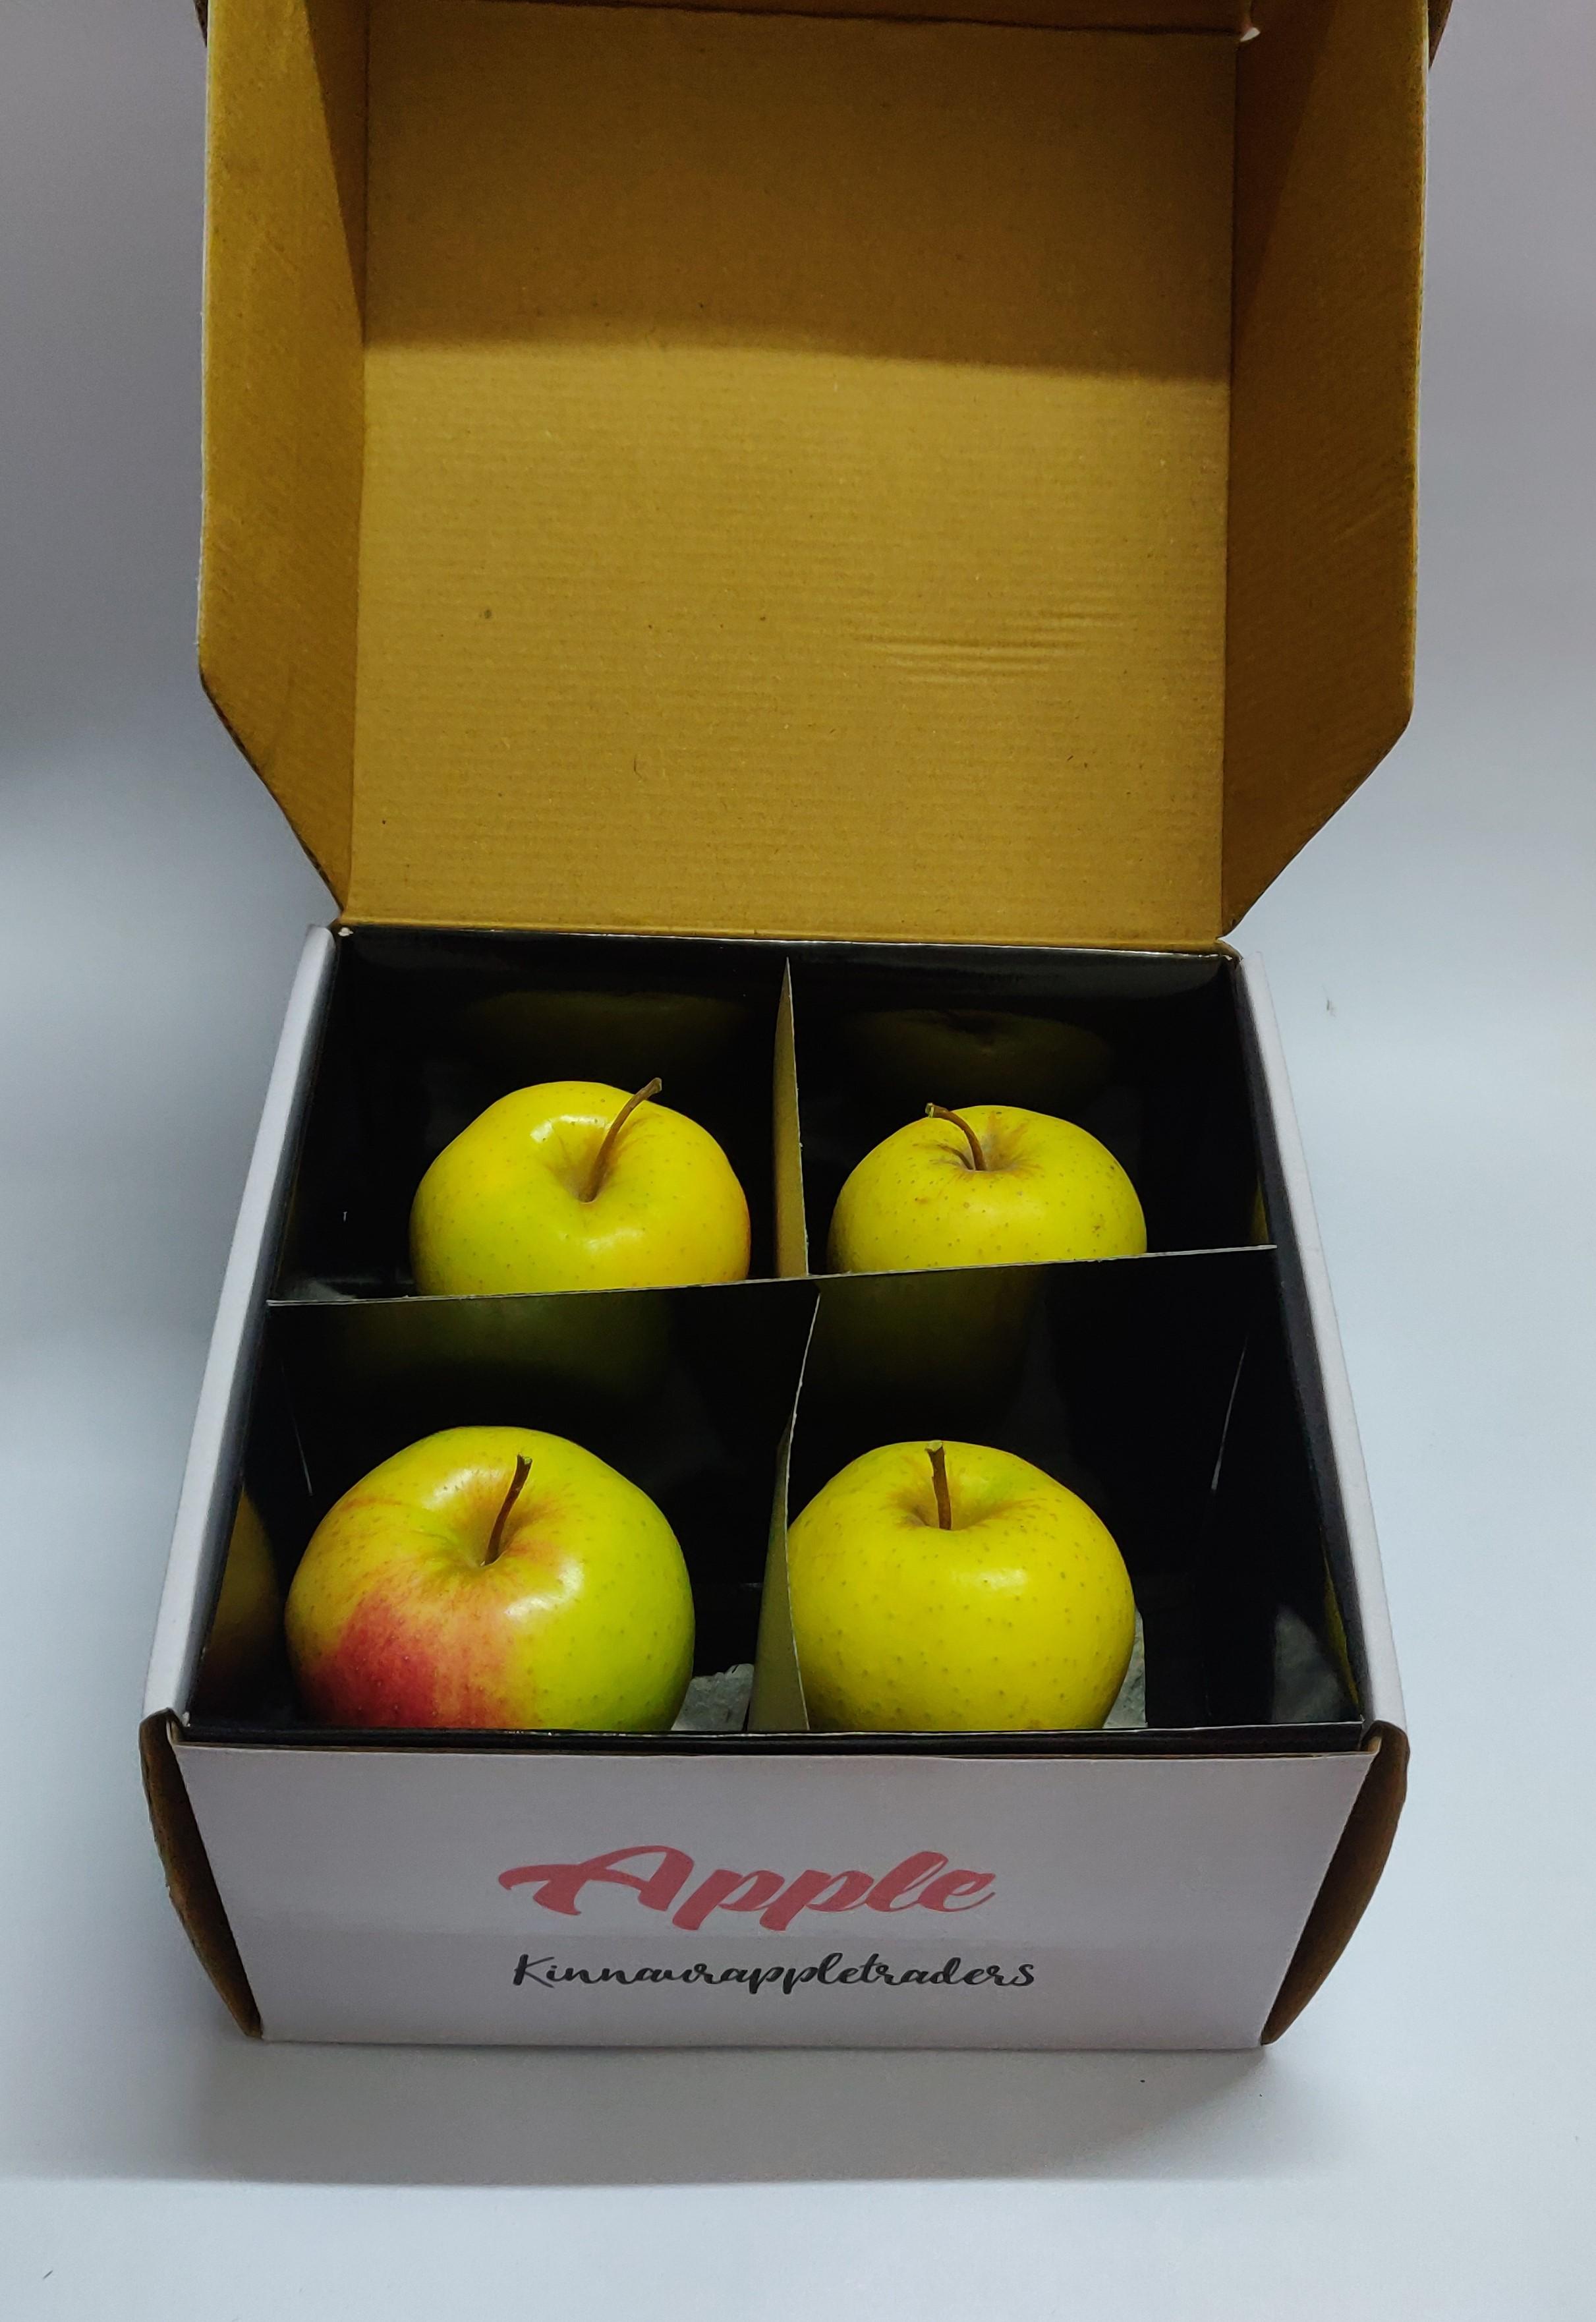 Golden apples packed